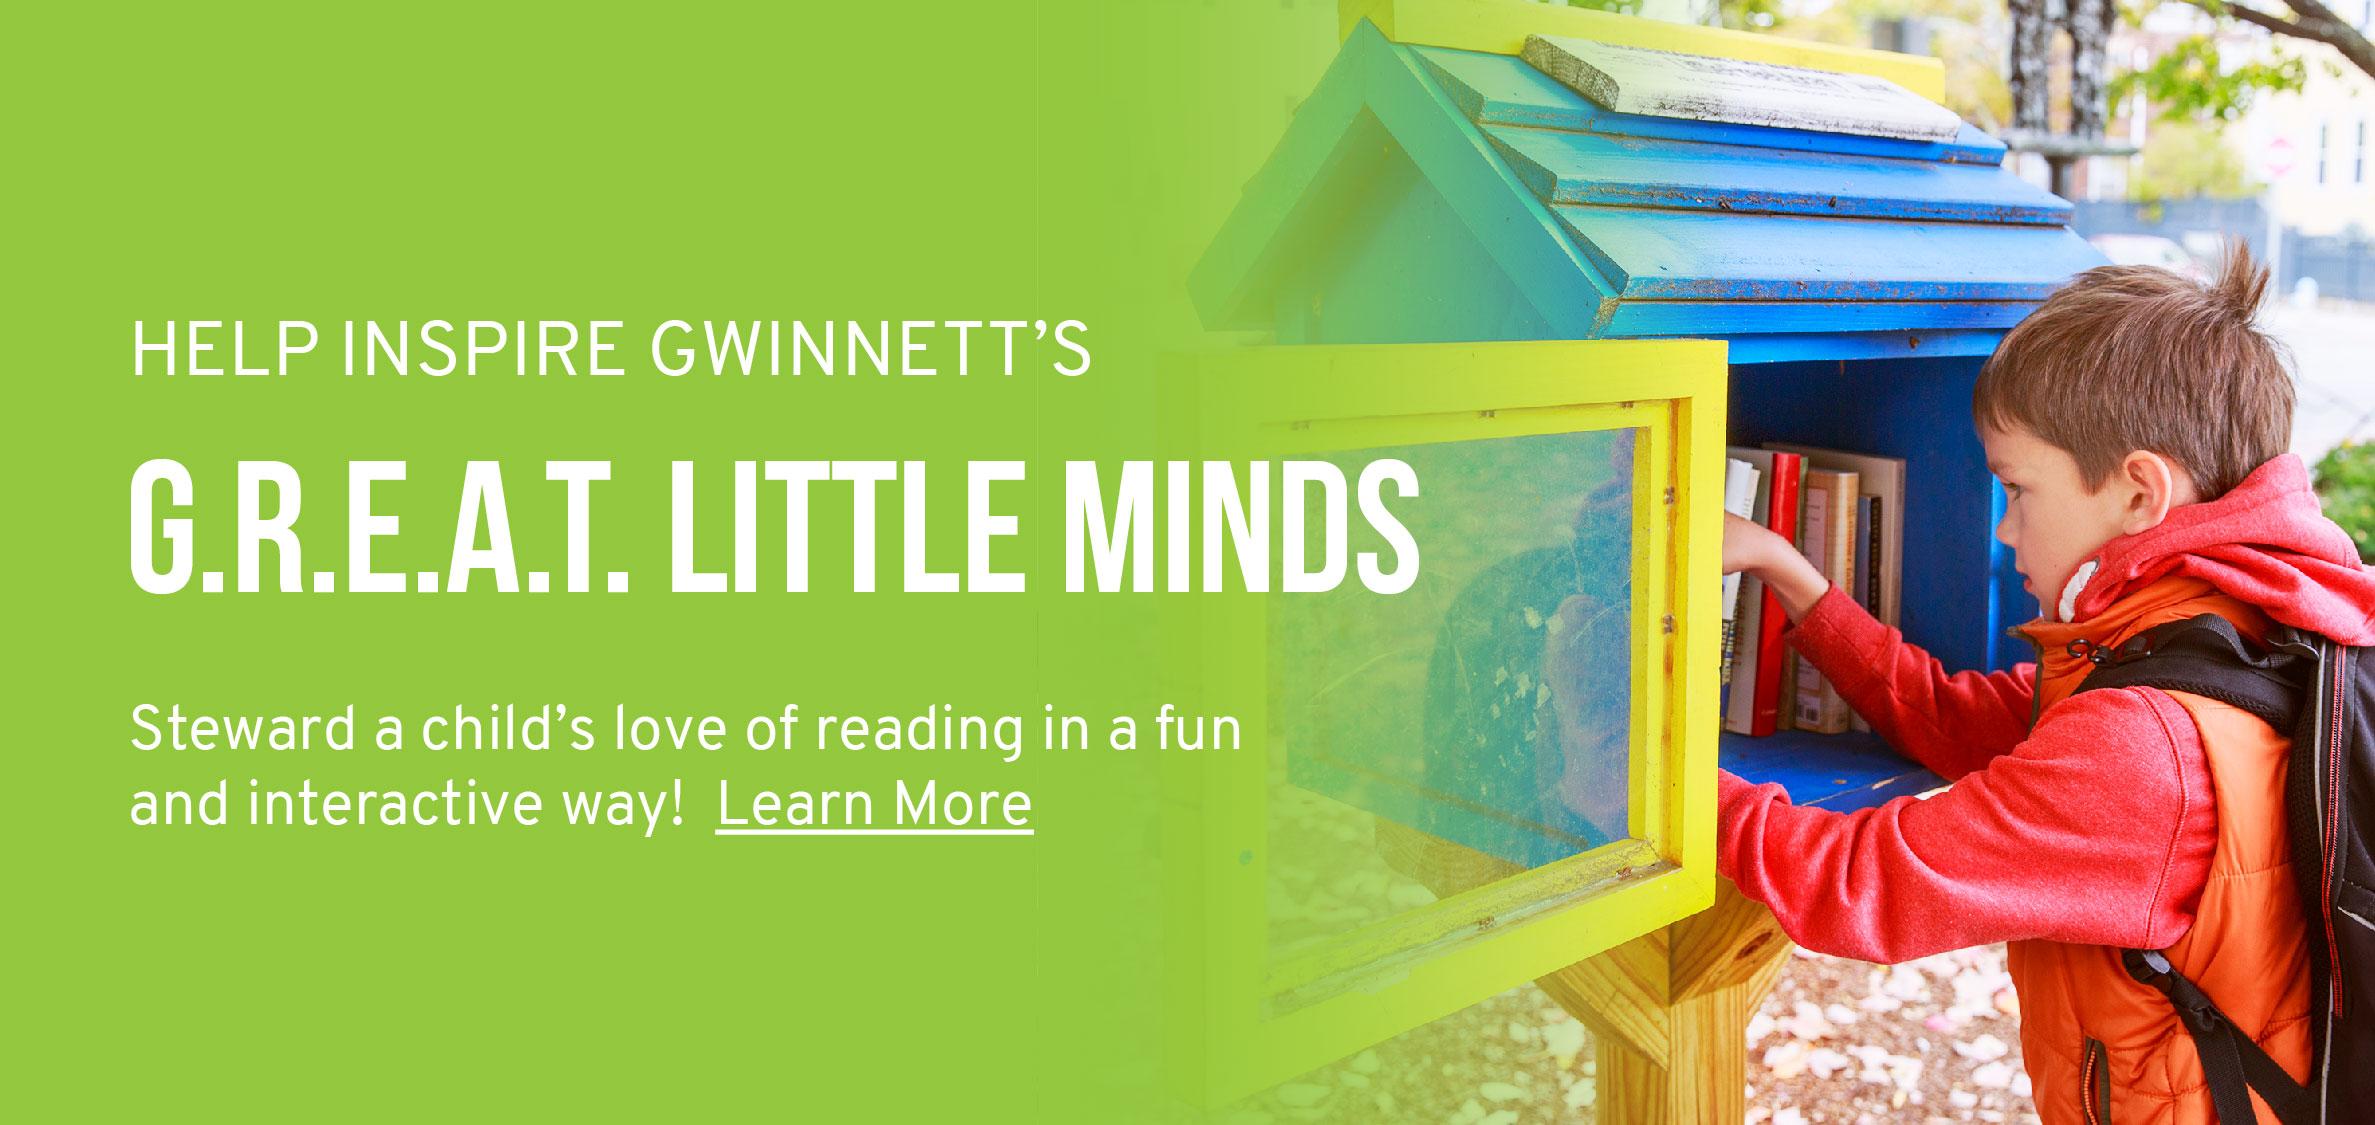 Help Inspire Gwinnett's G.R.E.A.T. Little Minds